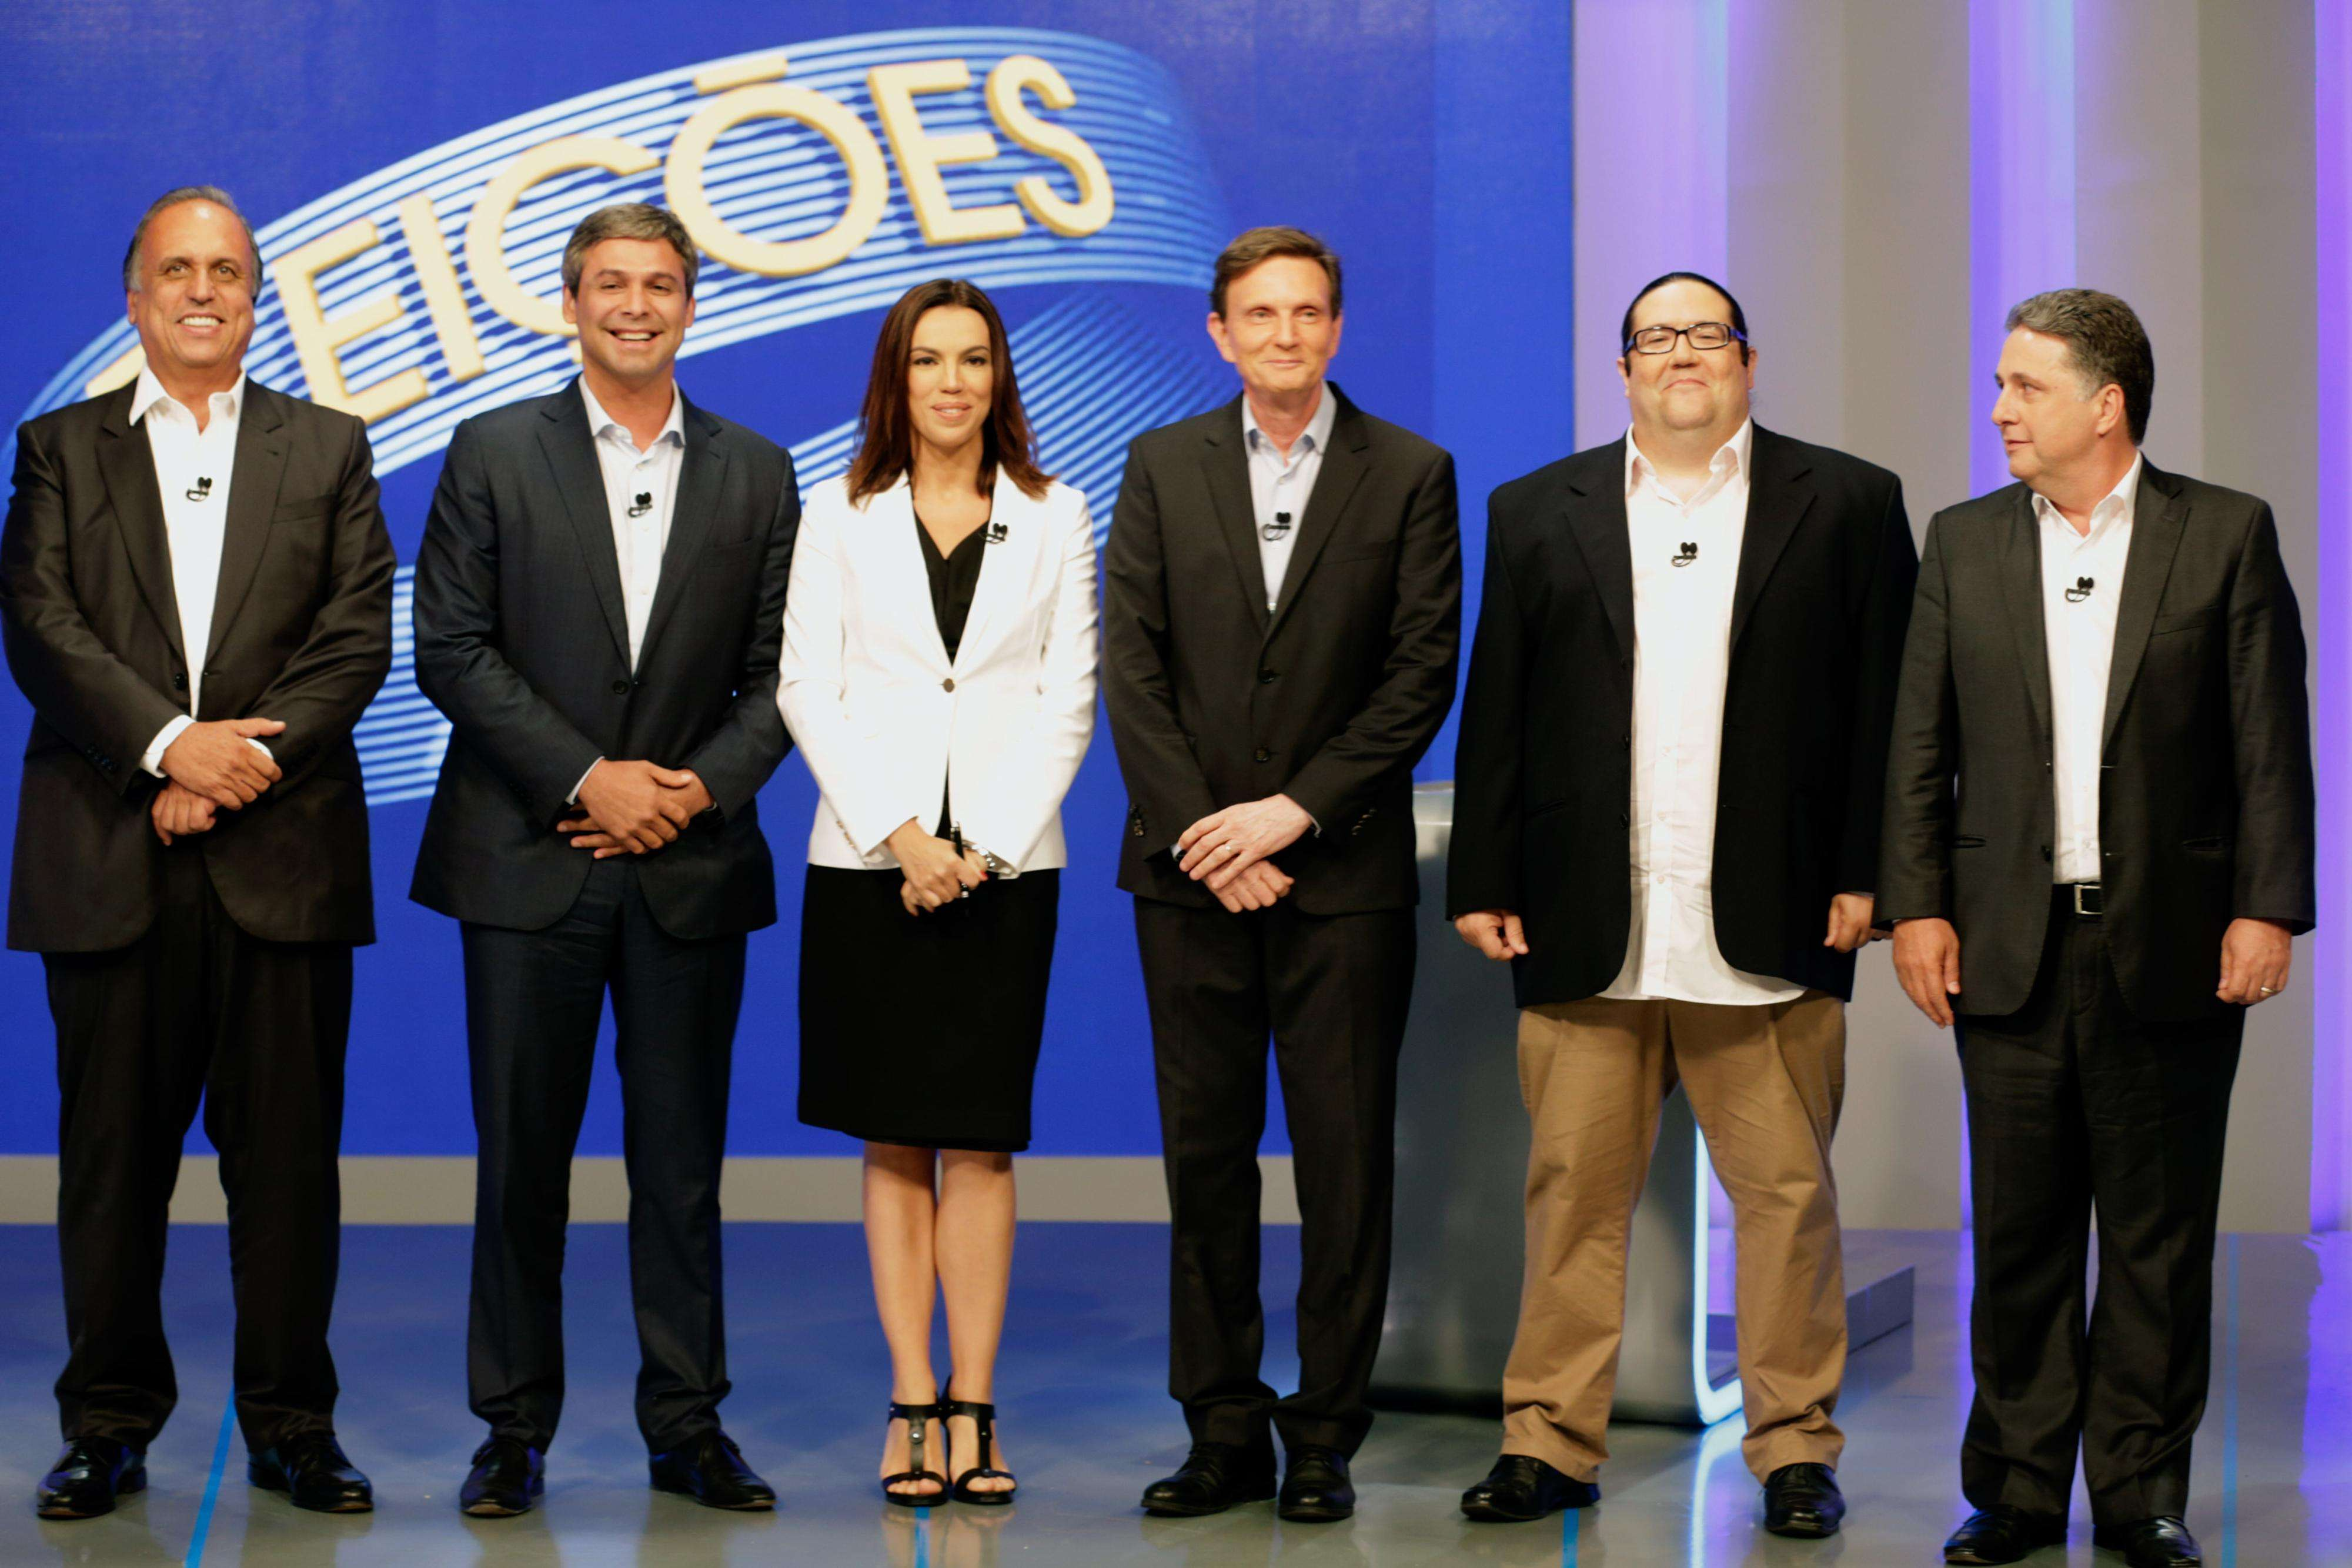 Debate ocorreu na noite desta terça, nos estúdios da TV Globo no Rio Foto: Antônio Pinheiro/Campanha Lindberg Farias/Divulgação